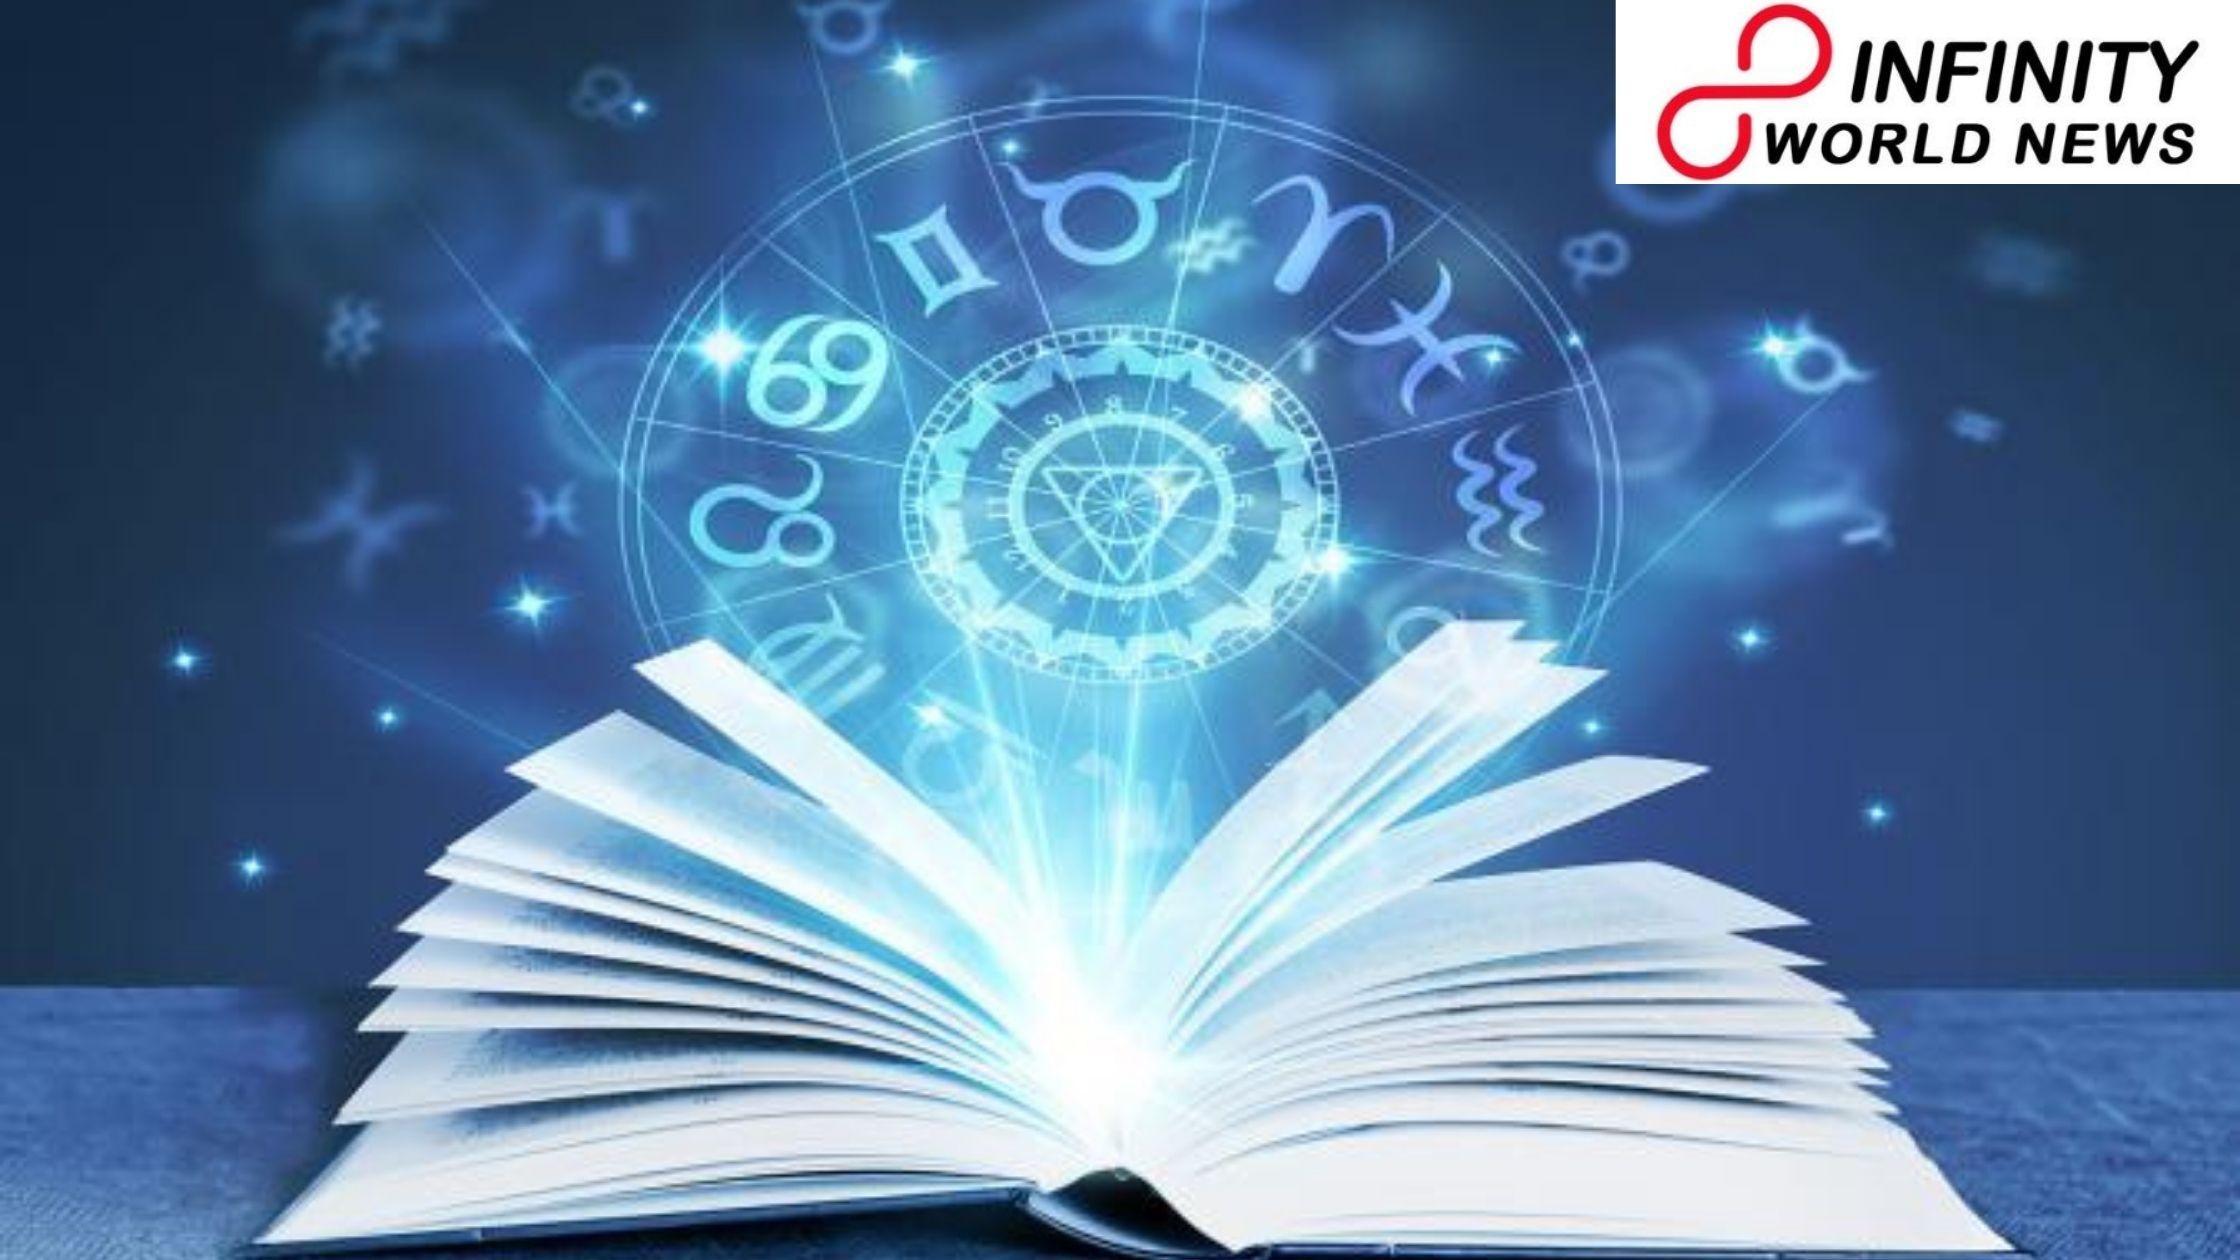 Today Horoscope 09-02-21   Daily Horoscope